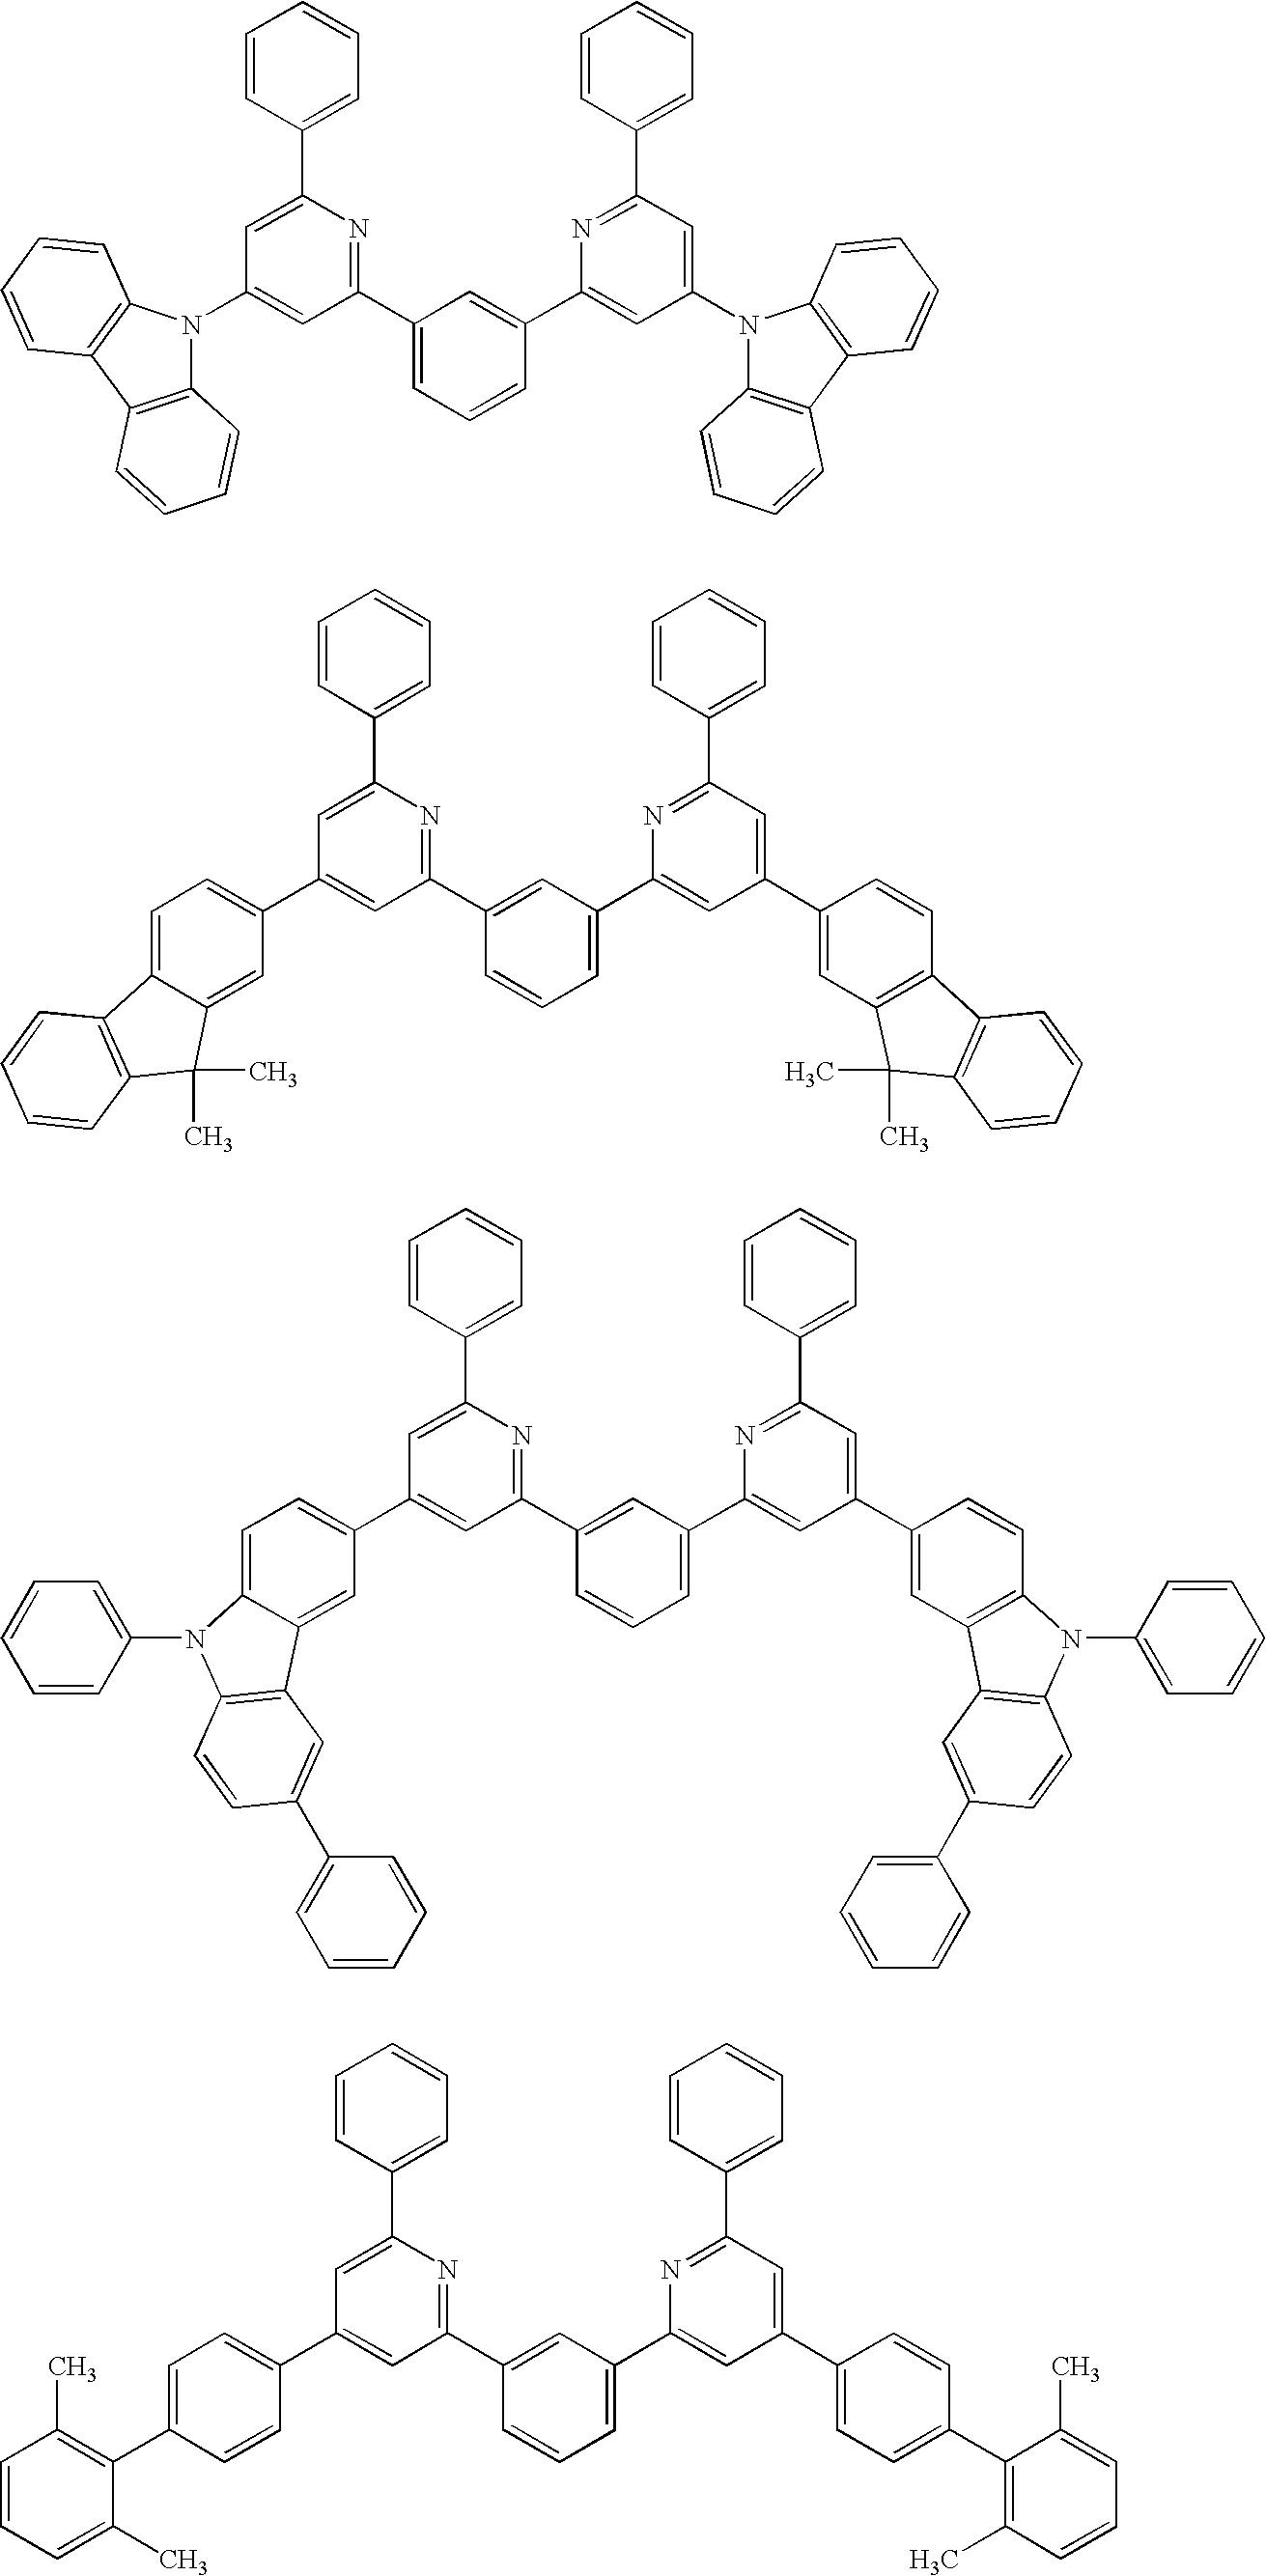 Figure US20060186796A1-20060824-C00035